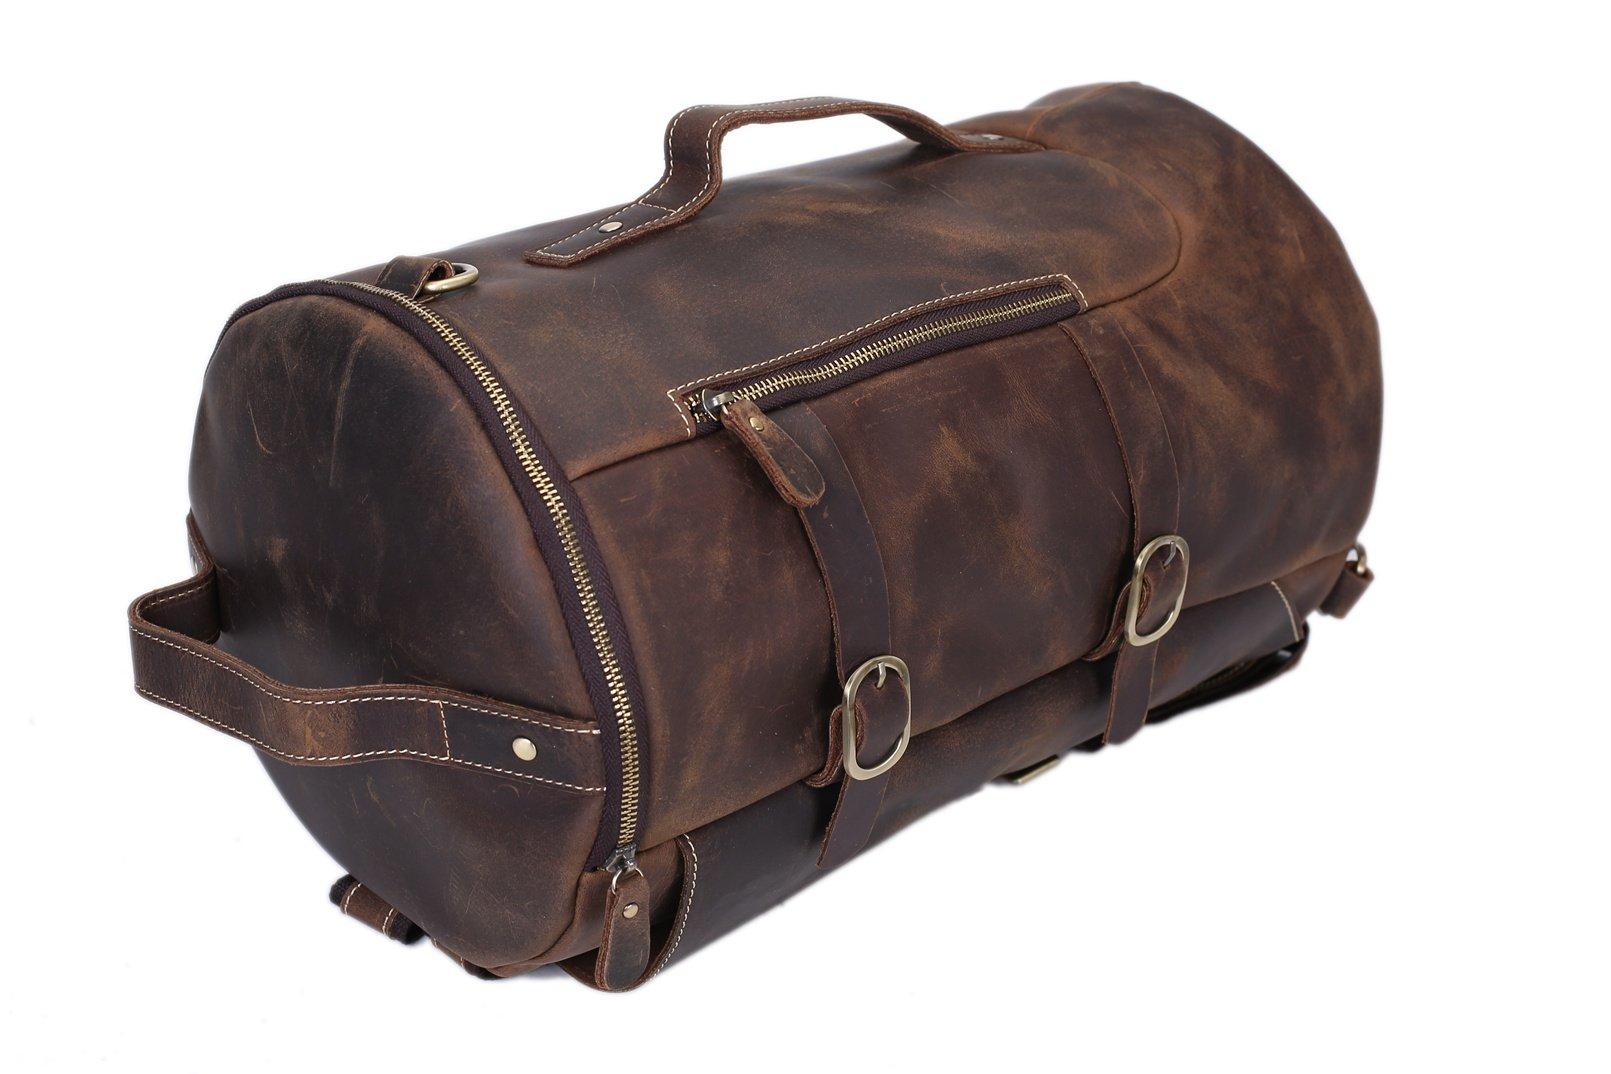 ... Handmade Vintage Leather BackpacK  Travel Backpack  Messenger Bag   Sling Bag Z106 - Thumbnail ...